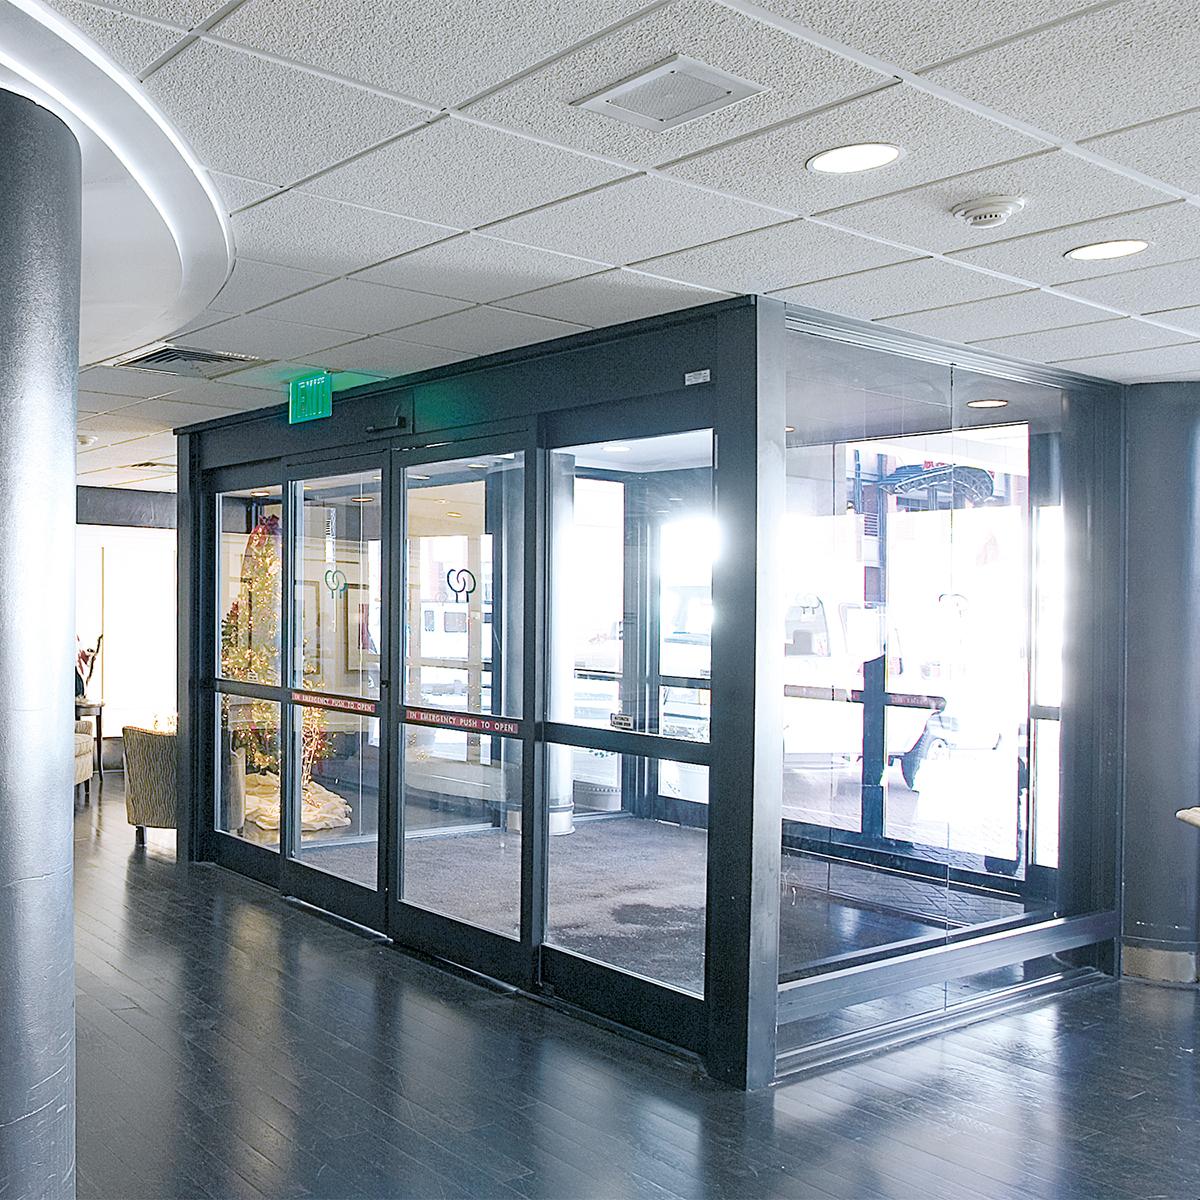 & Glass_door_automation | Zcat :: Technology Management pezcame.com